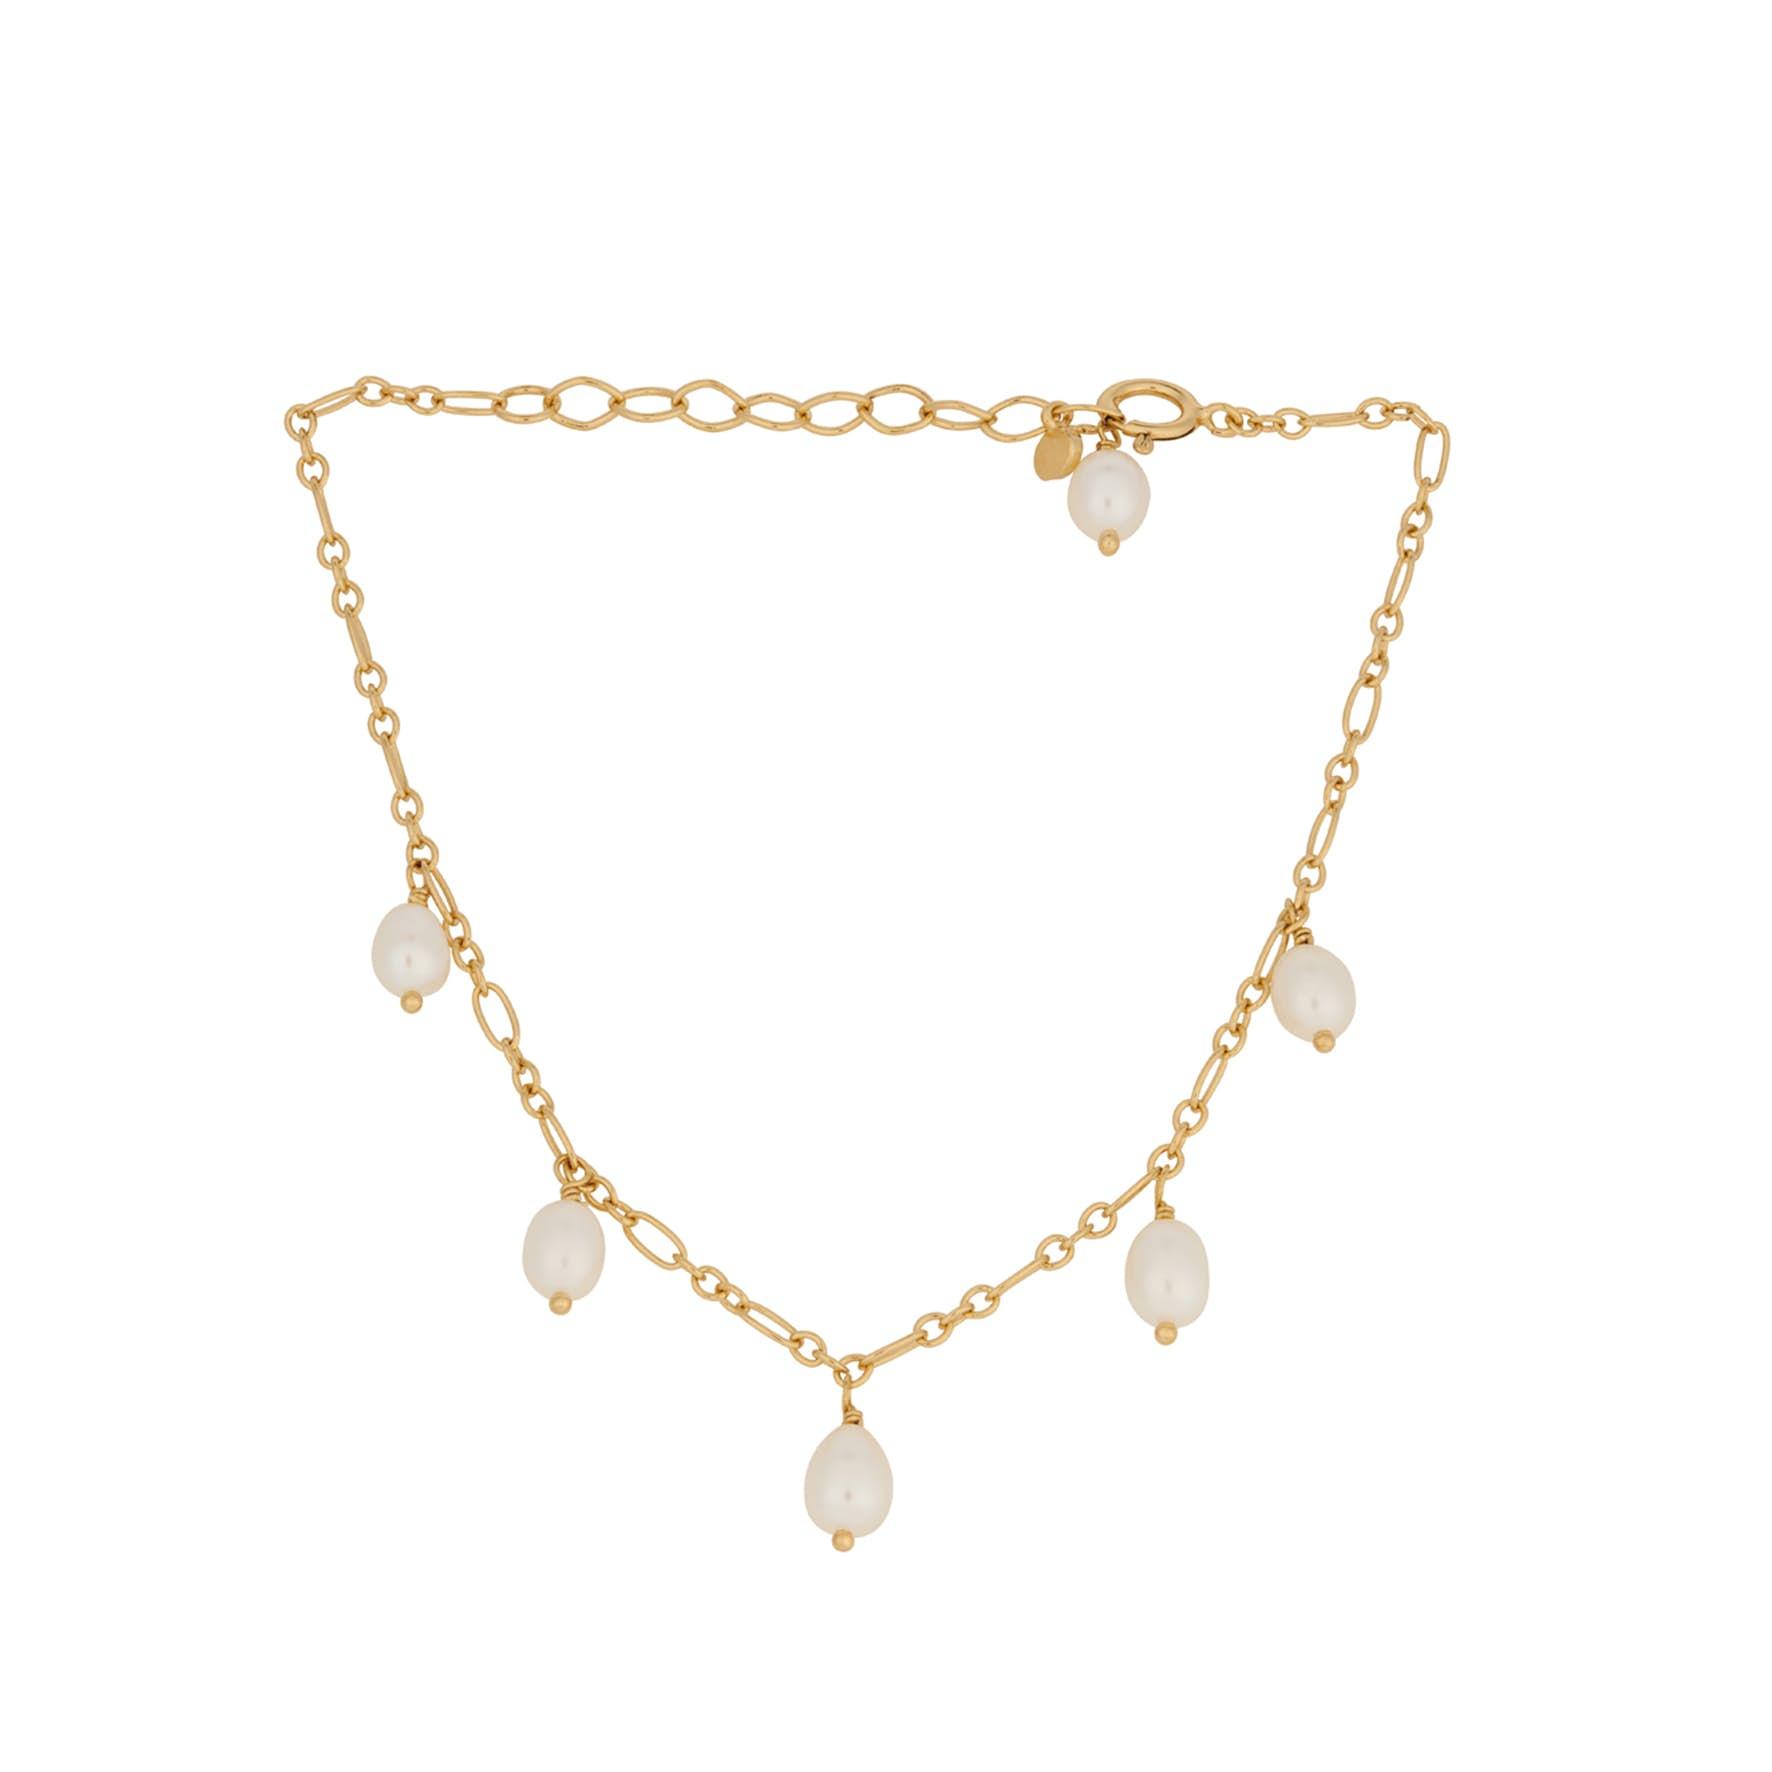 Ocean Dream Bracelet fra Pernille Corydon i Forgylt-Sølv Sterling 925|Freshwater Pearl